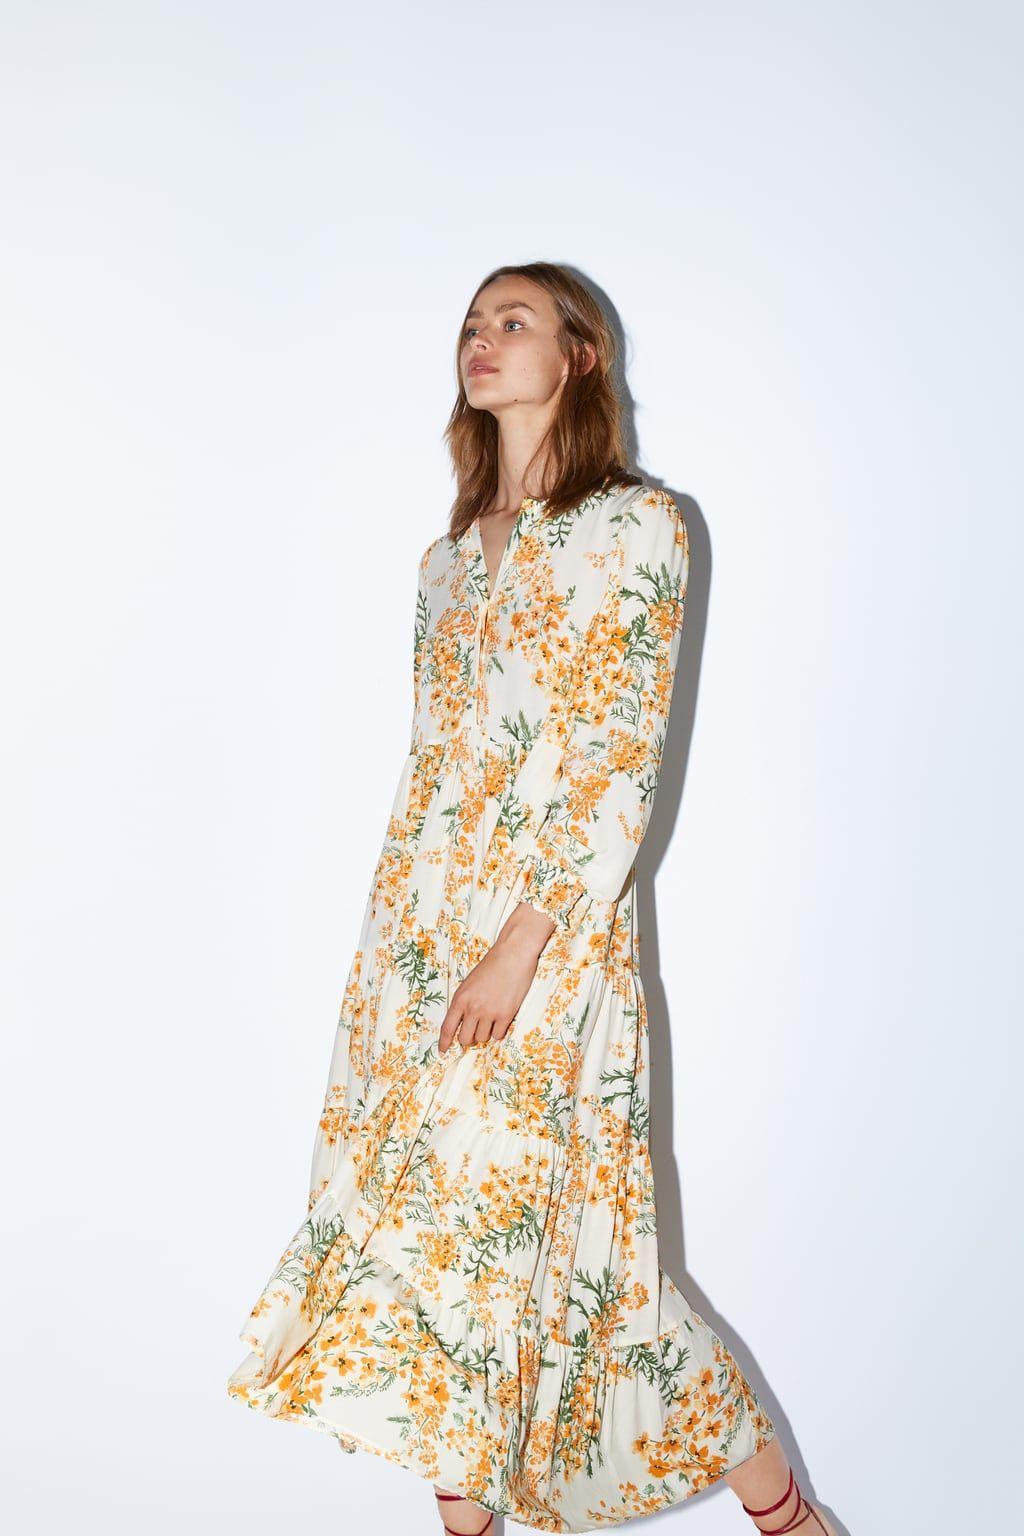 Sukienka W Kwiaty Zobacz Wiecej Sukienki Kobieta Zara Polska Dresses Orange Floral Dress Floral Print Dress